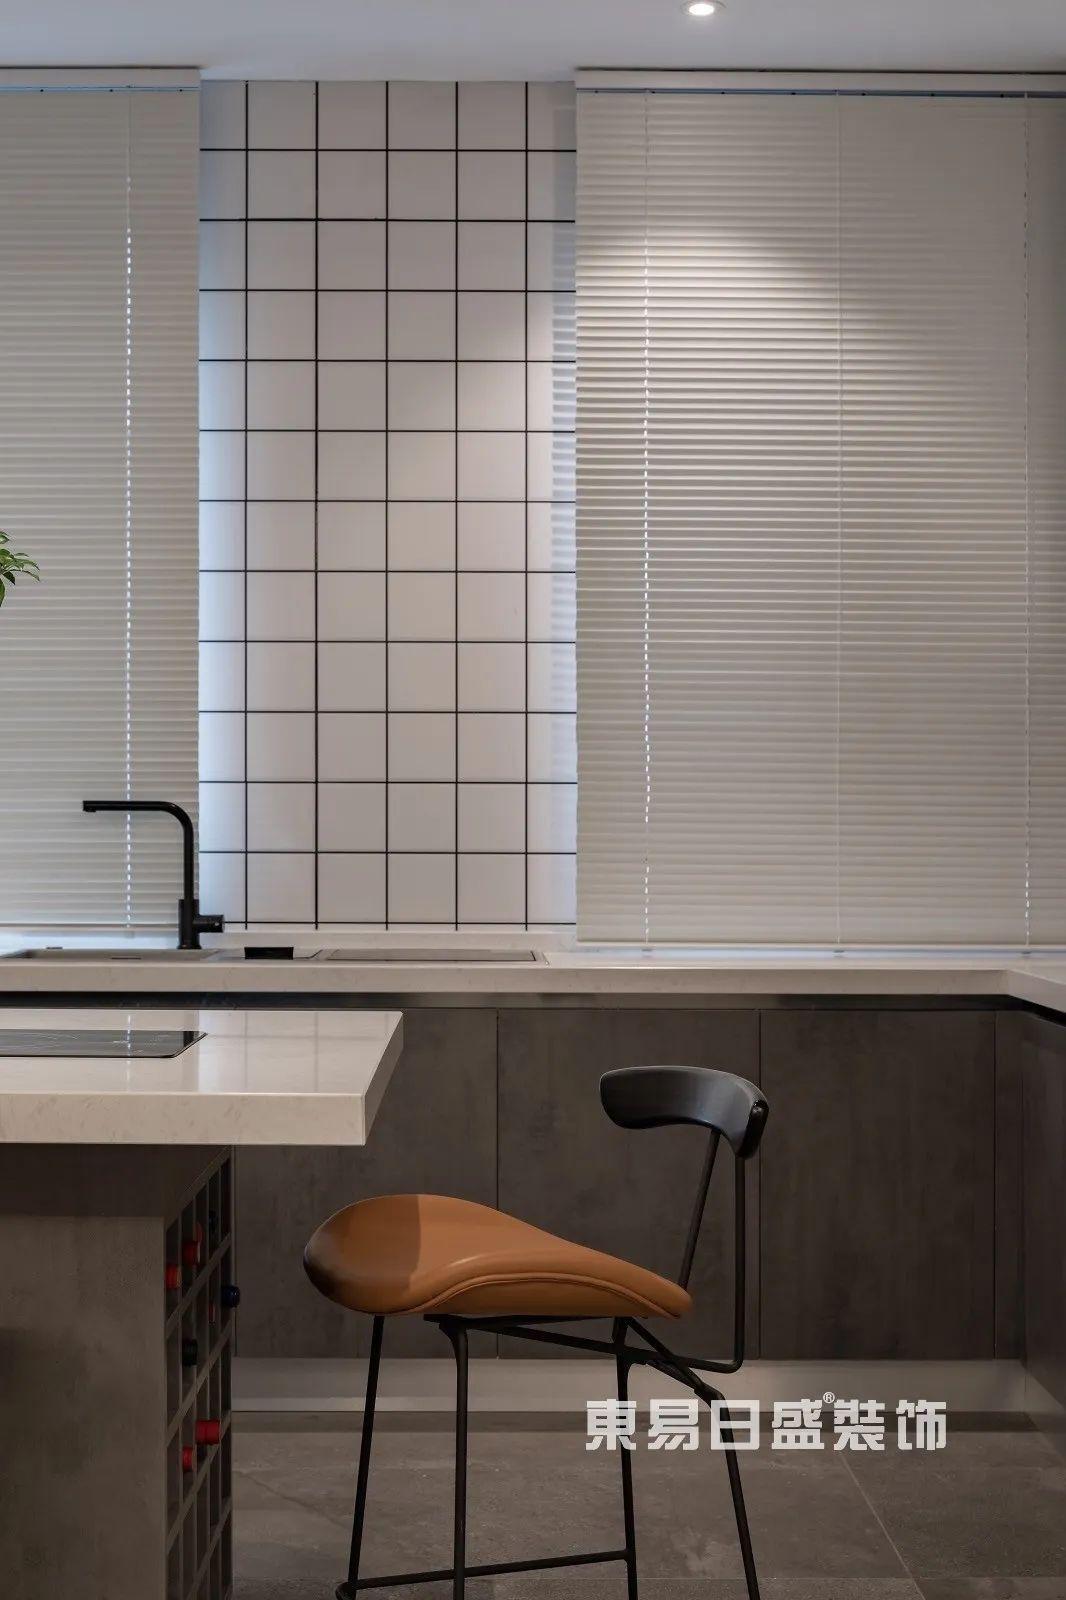 轻奢风格厨房设计